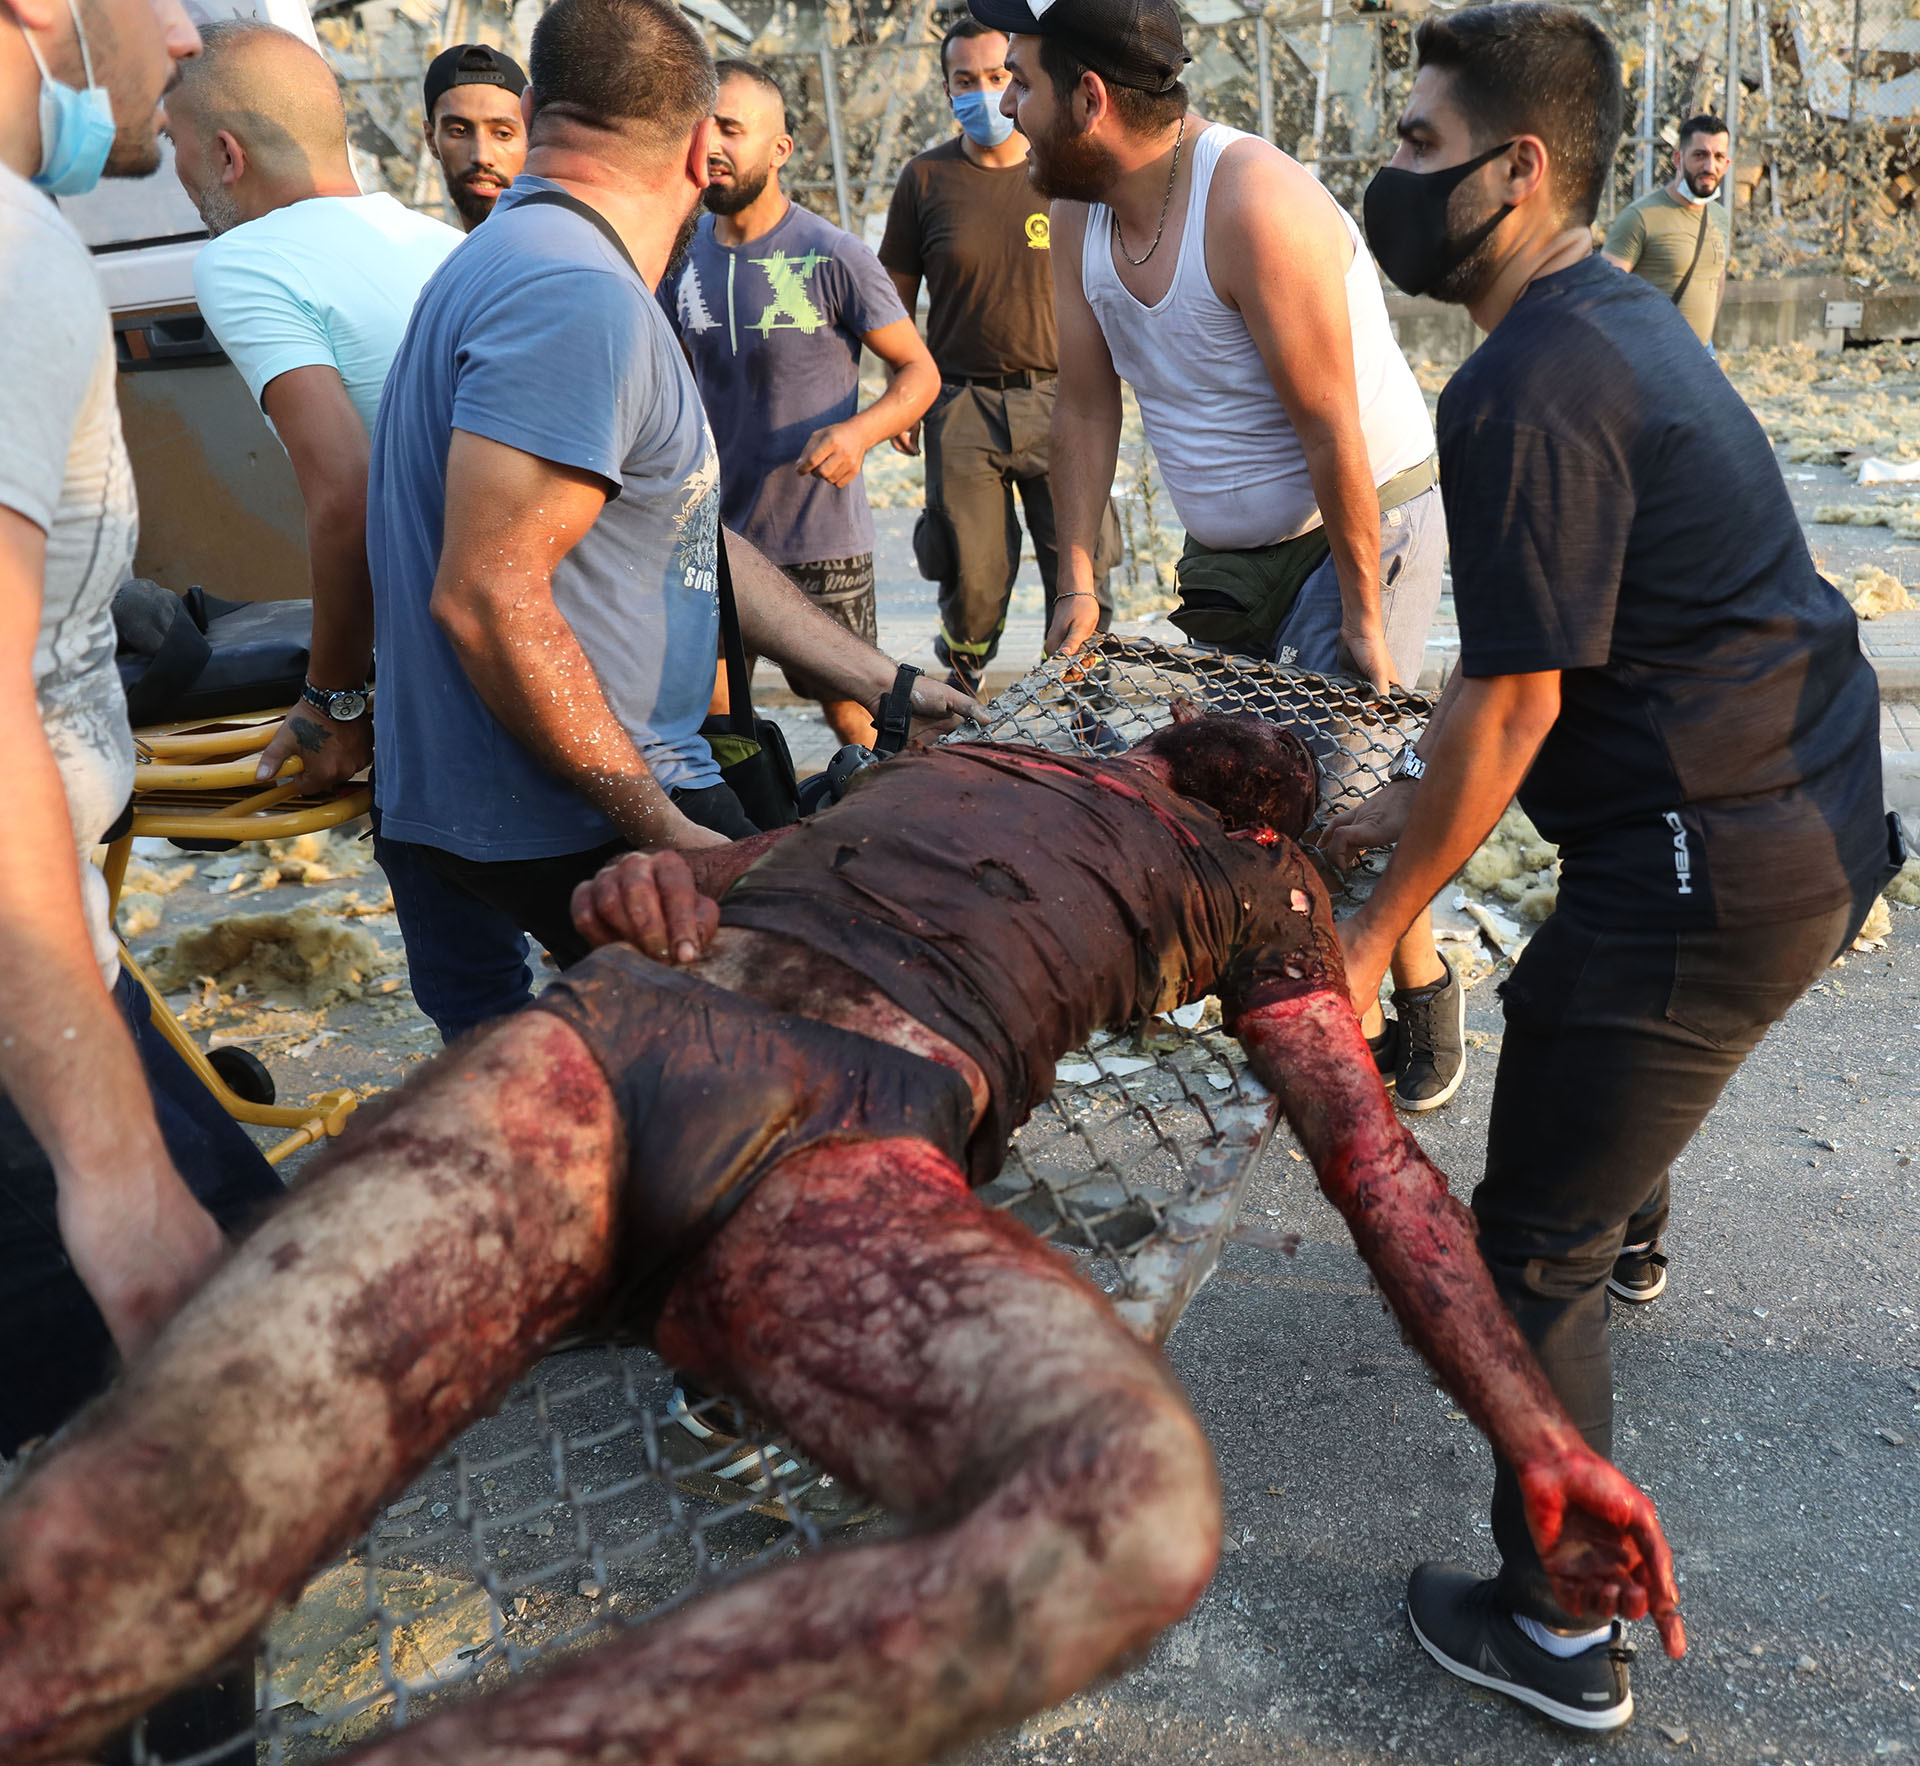 El hombre es trasladado a un hospital para ser atendido (Foto de Anwar Amro/ AFP)